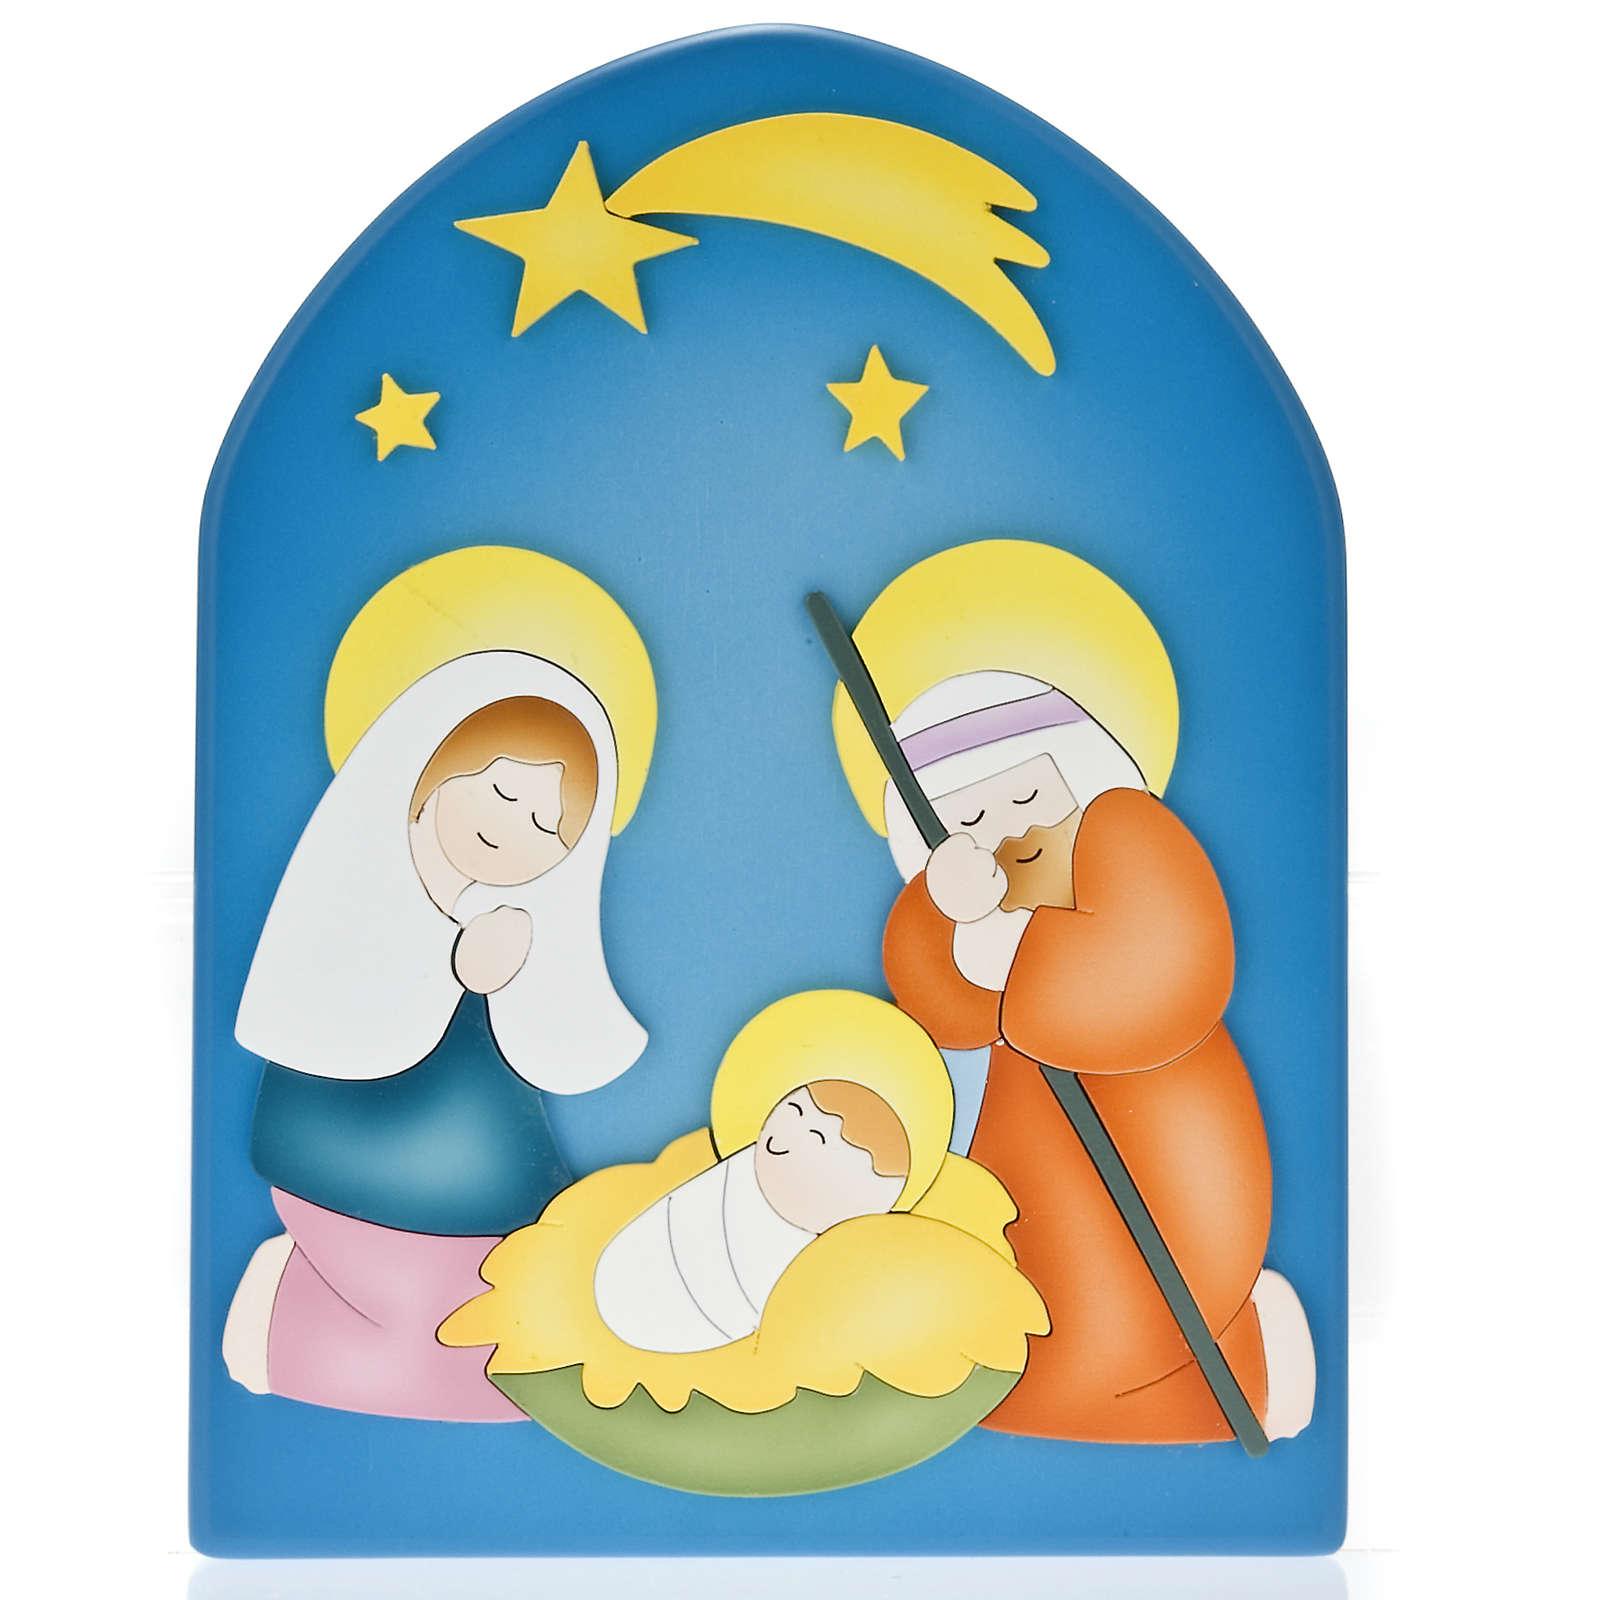 Boże Narodzenie drewniany obrazek zaokrąglony 4